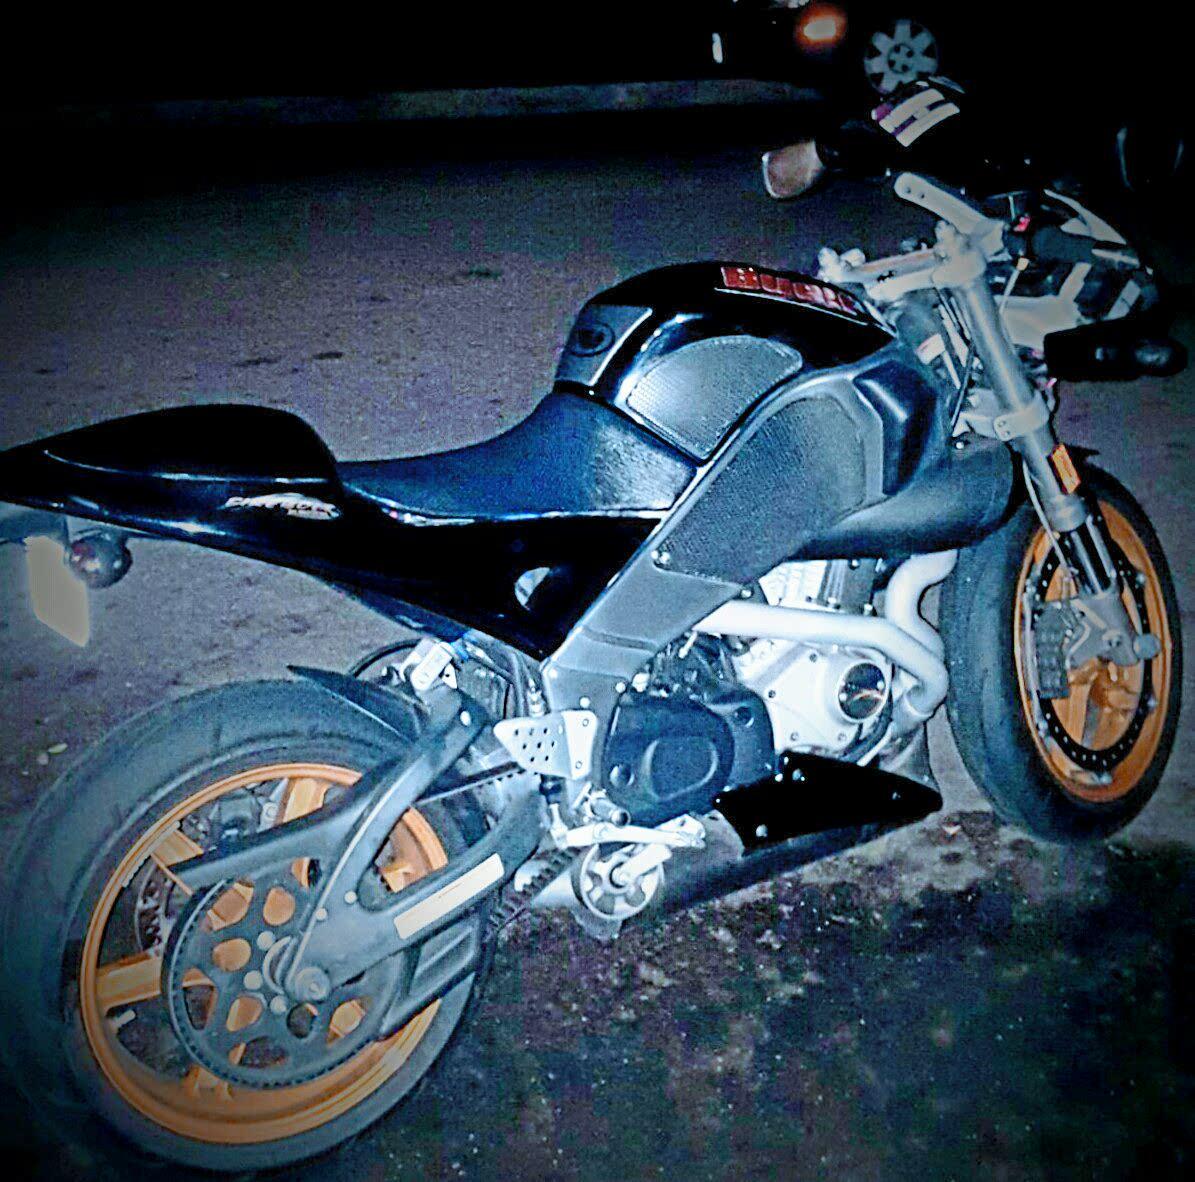 2004 Buell XB12R Lightning